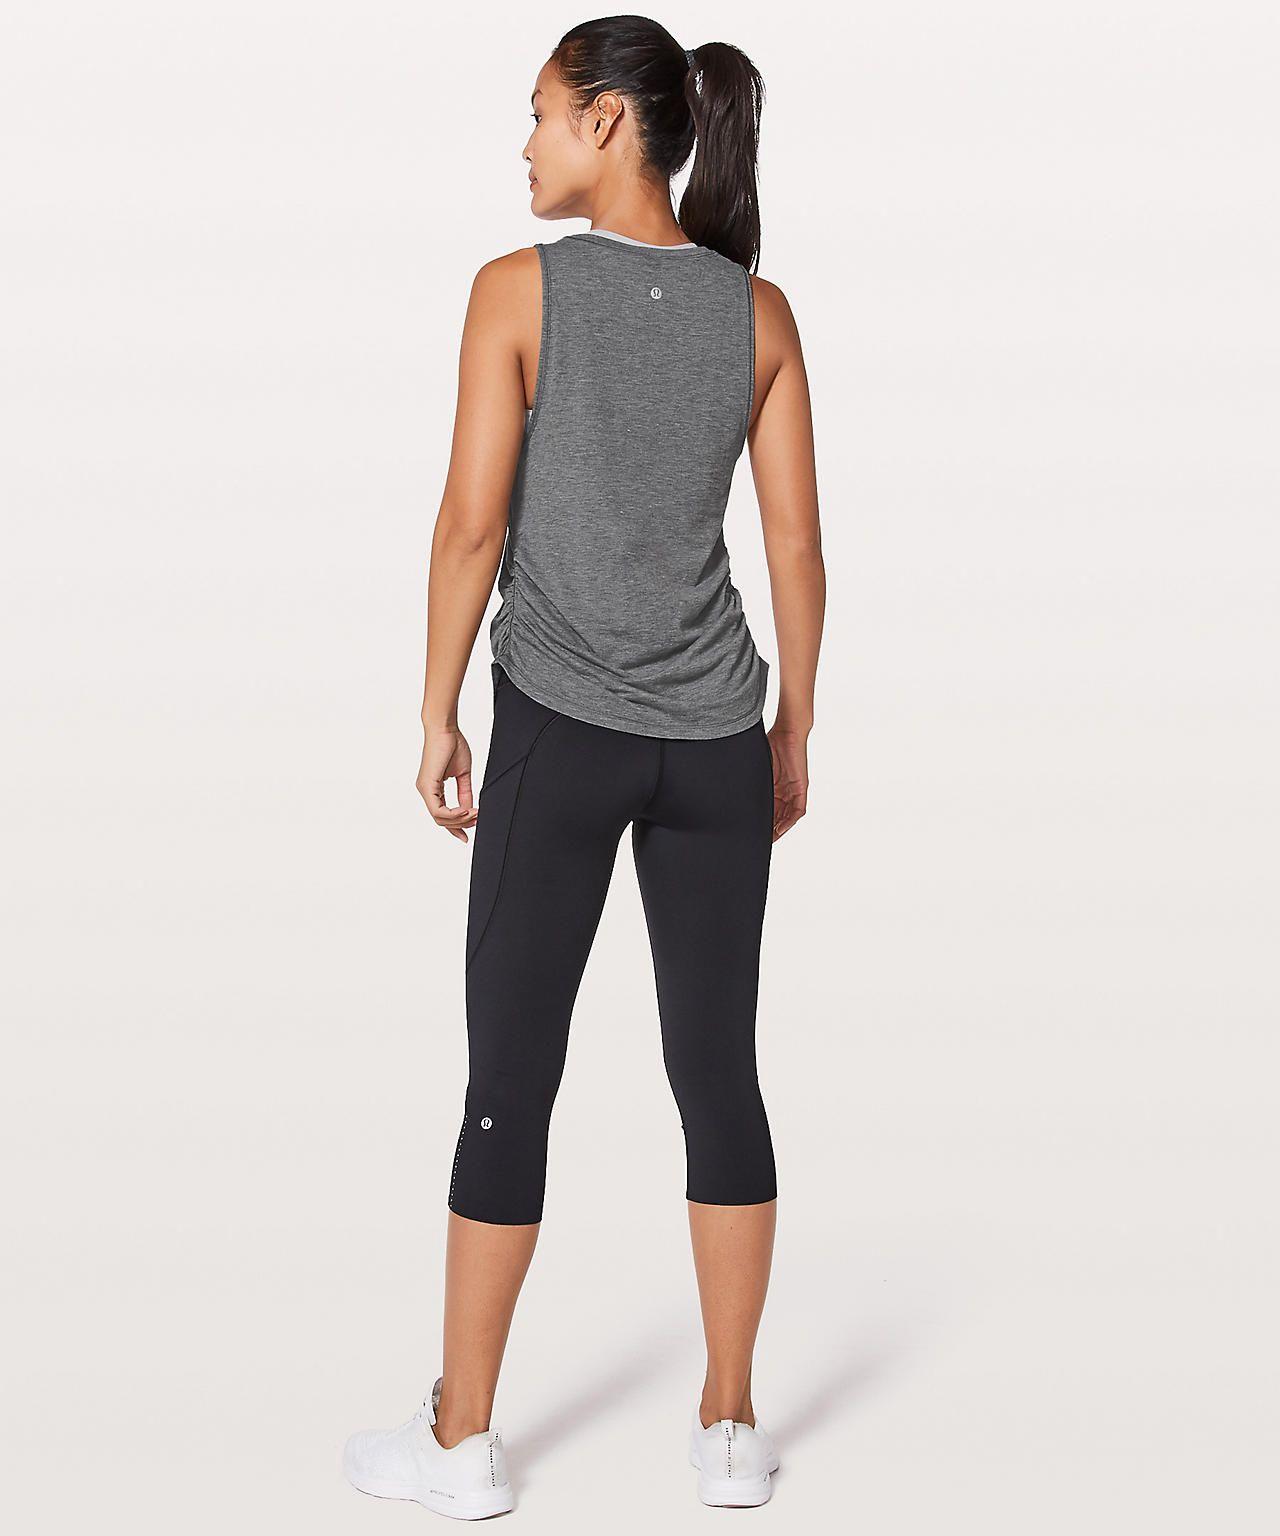 9b08038eb1 Ripple effect tank $58 Heathered Black Lulu Love, Lululemon Yoga, Fitness  Fashion, Capri